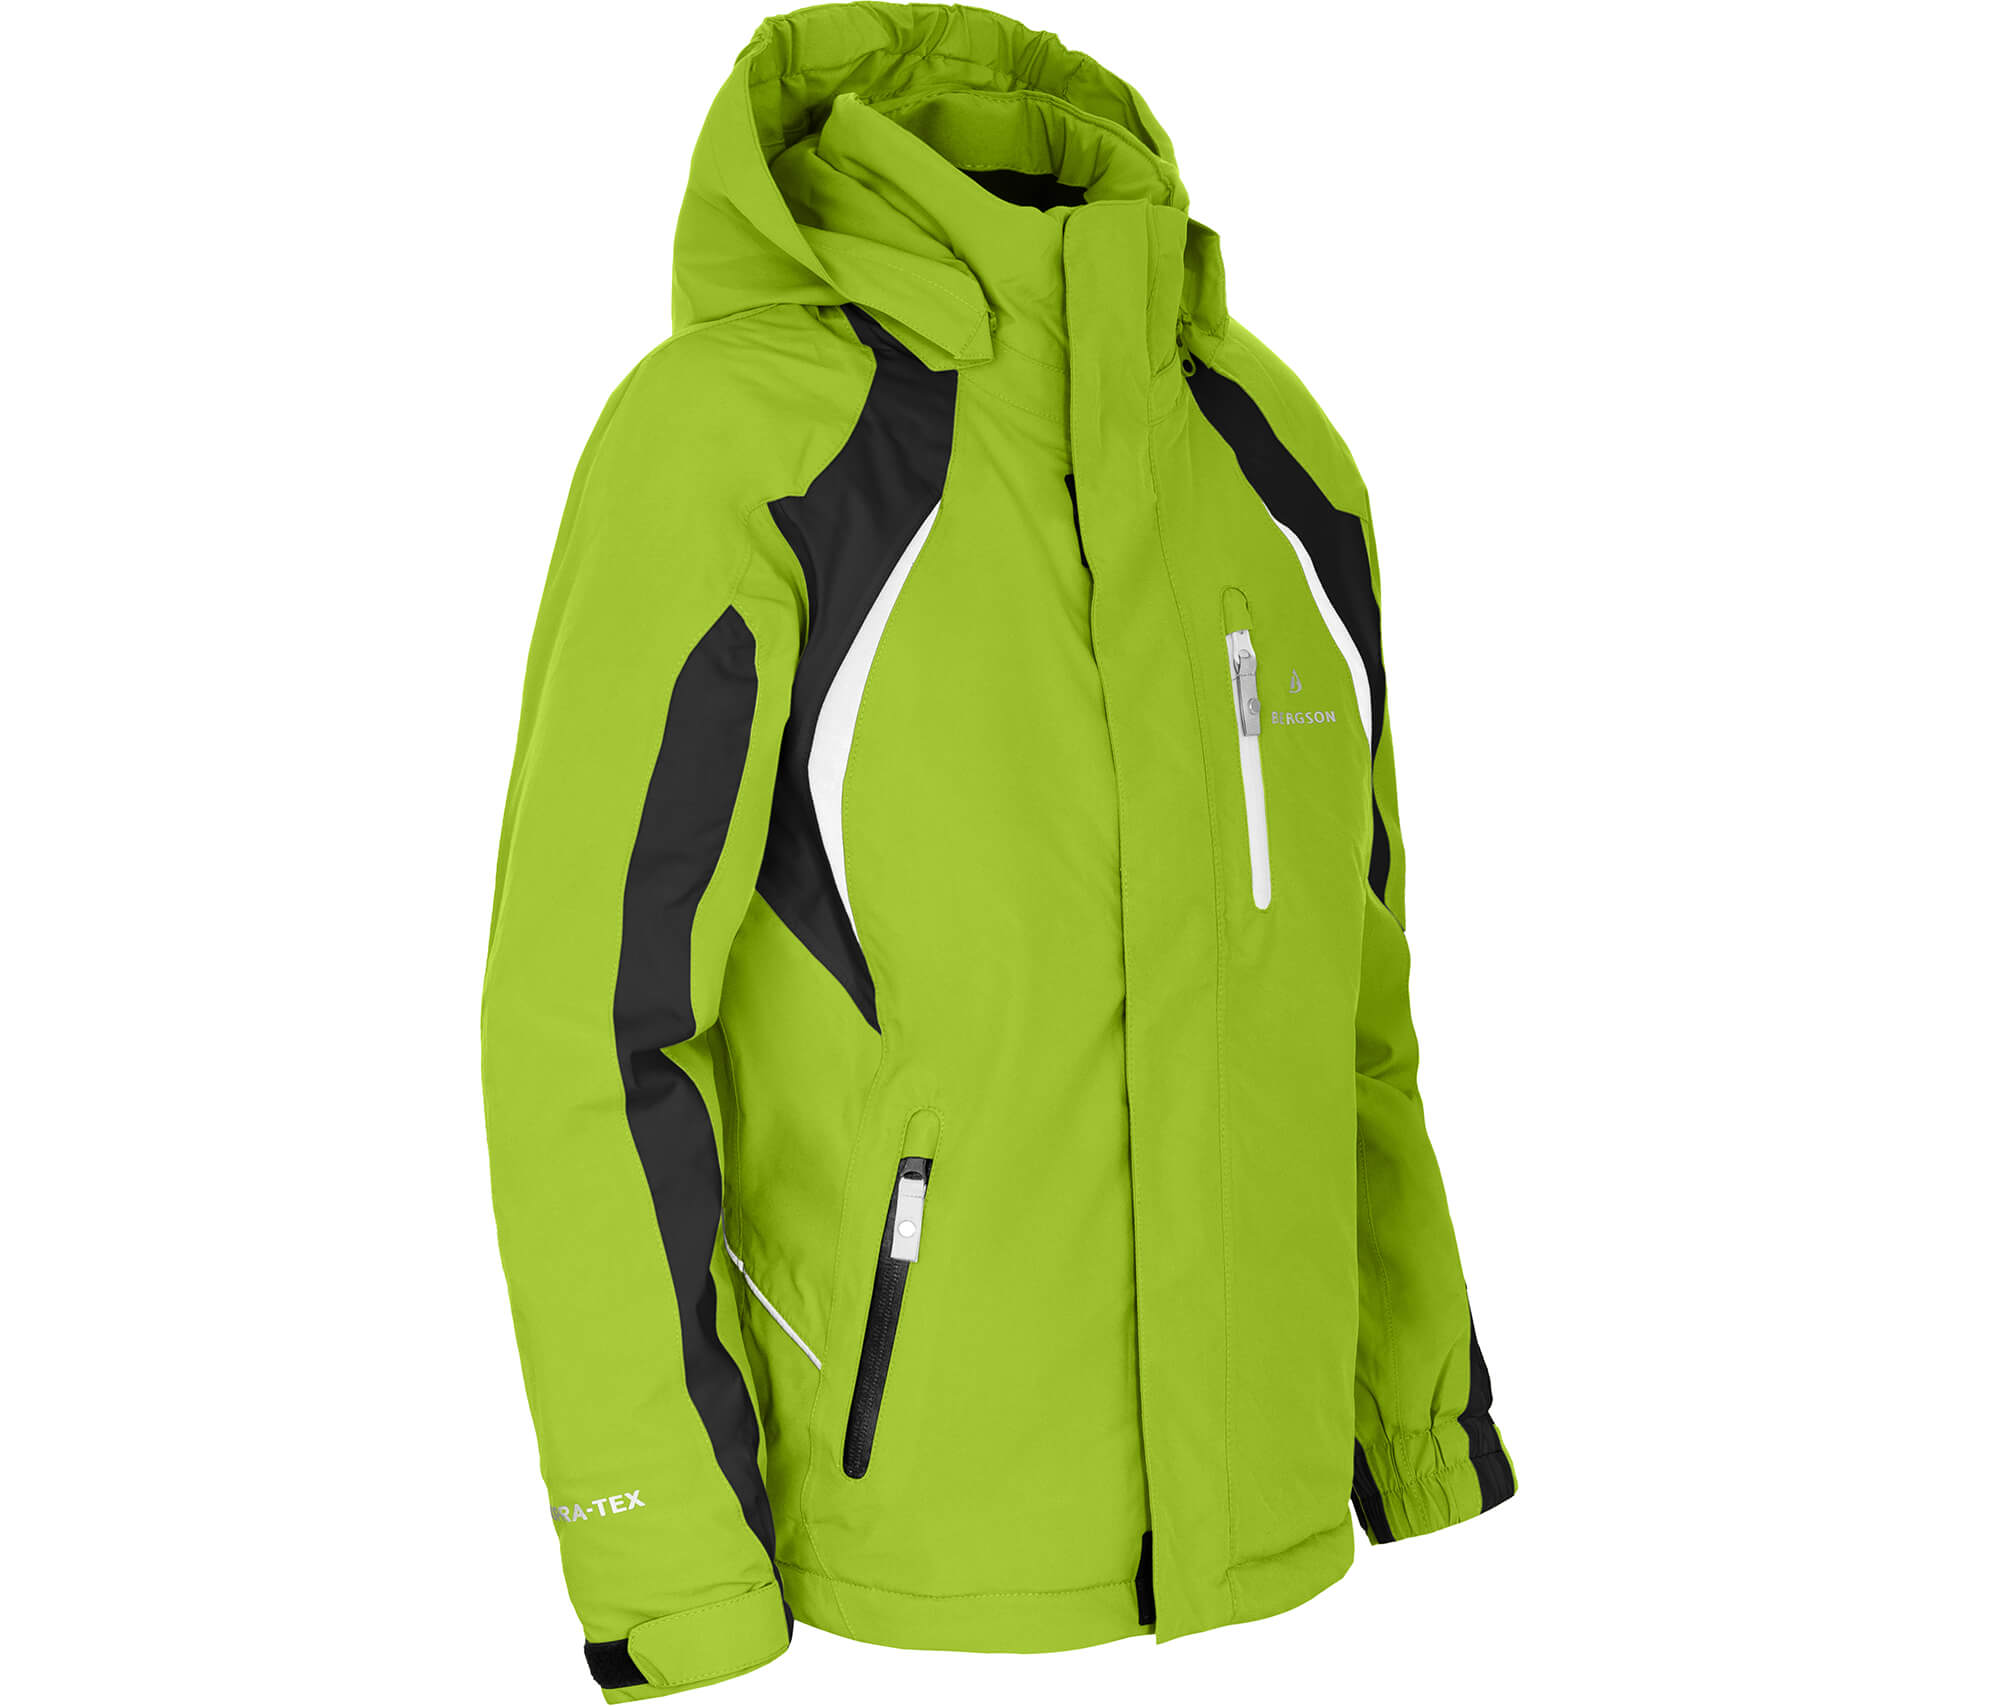 Bergson Kinder Skijacke JENS lime grün